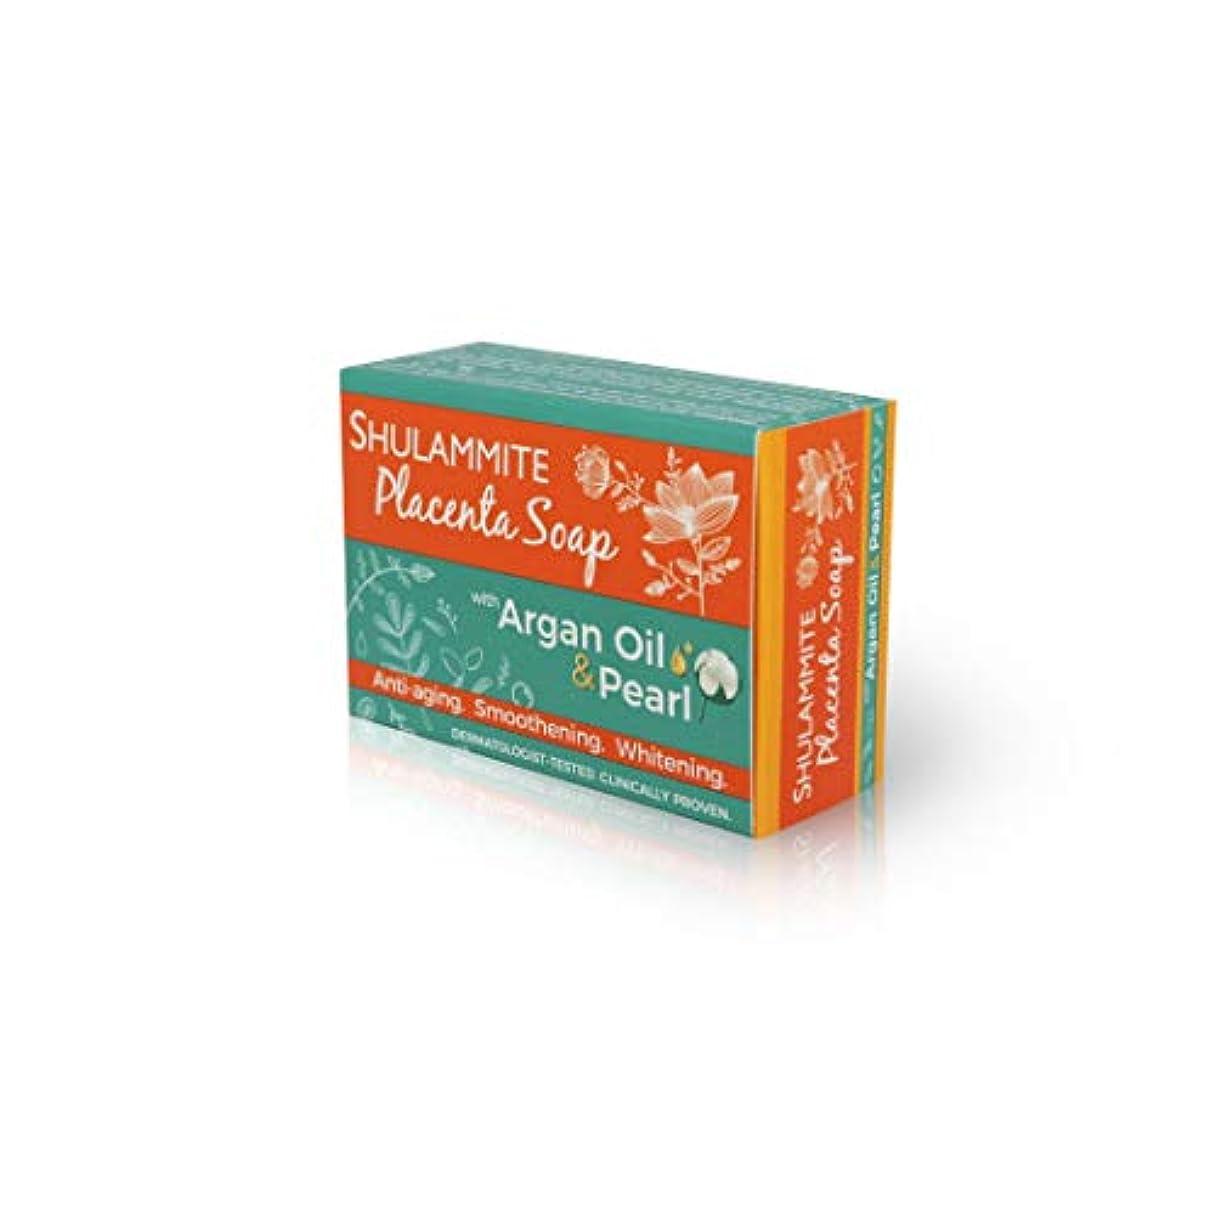 なかなか雄弁レベルSHULAMMITE Placenta Soap with Argan Oil & Pearl/アルガンオイル&パール配合ソープ150g